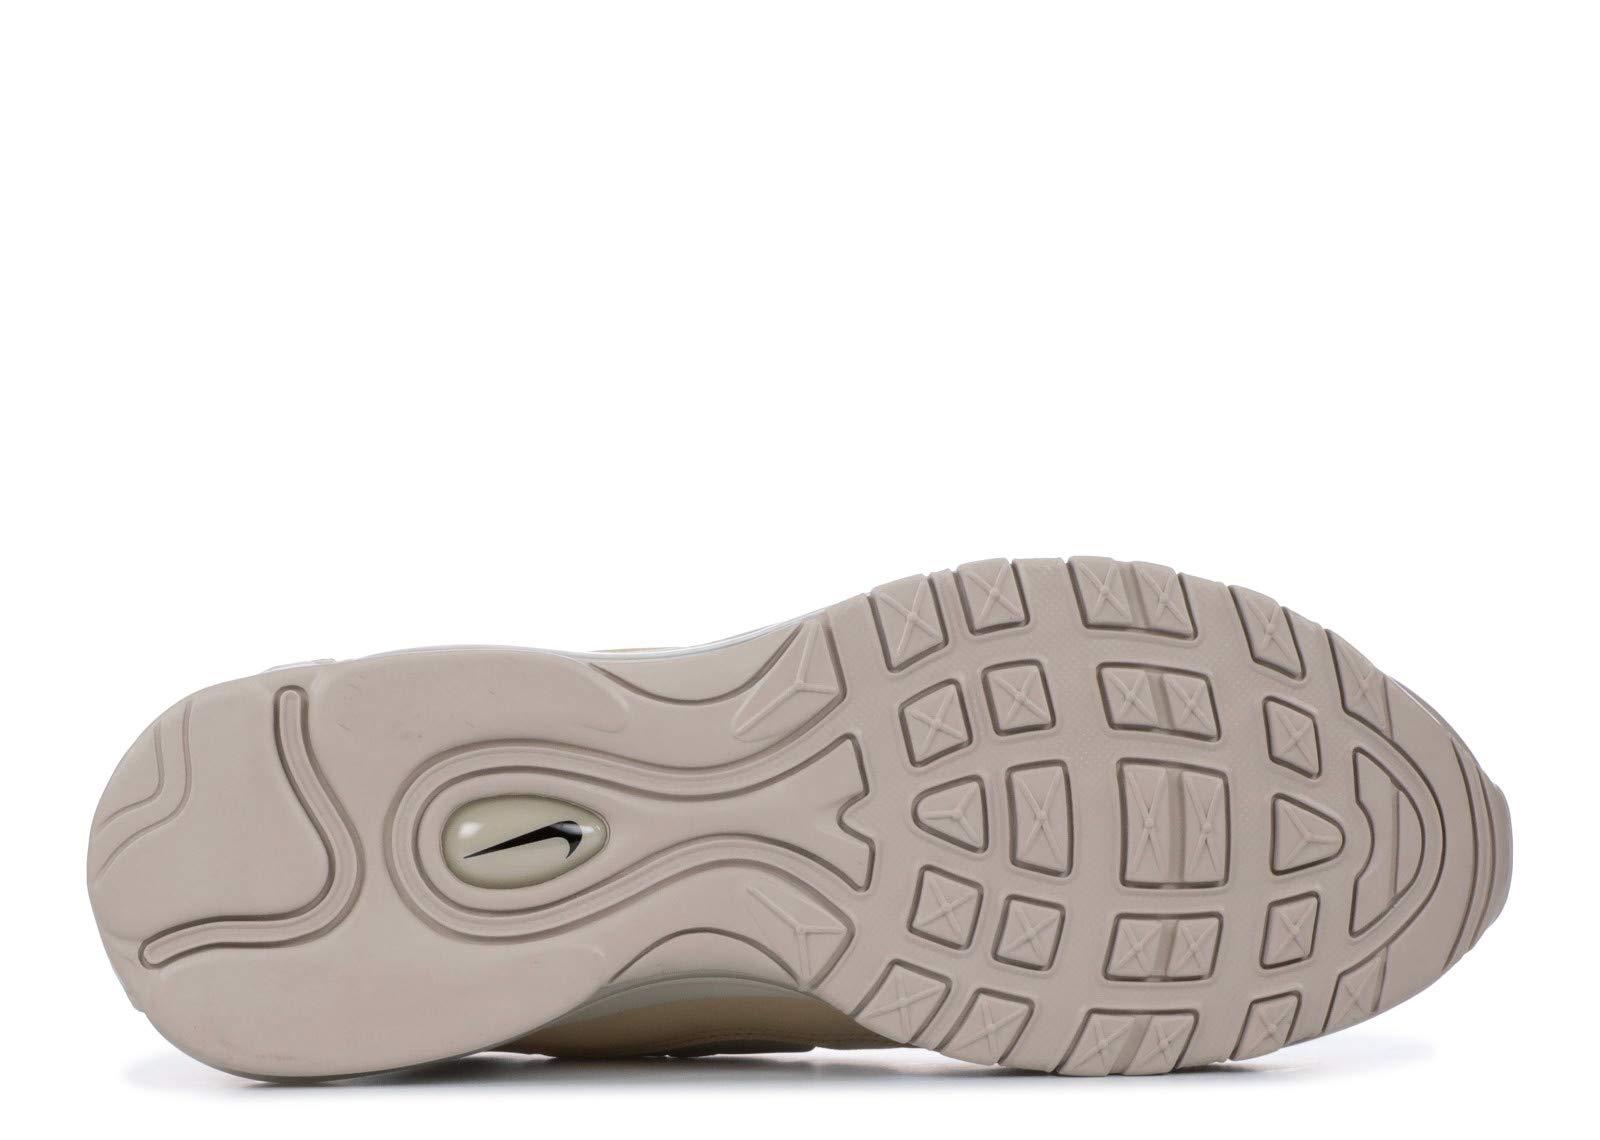 618b65e%2BAYL - Nike Men's Air Max 97 / Plus Gymnastics Shoes